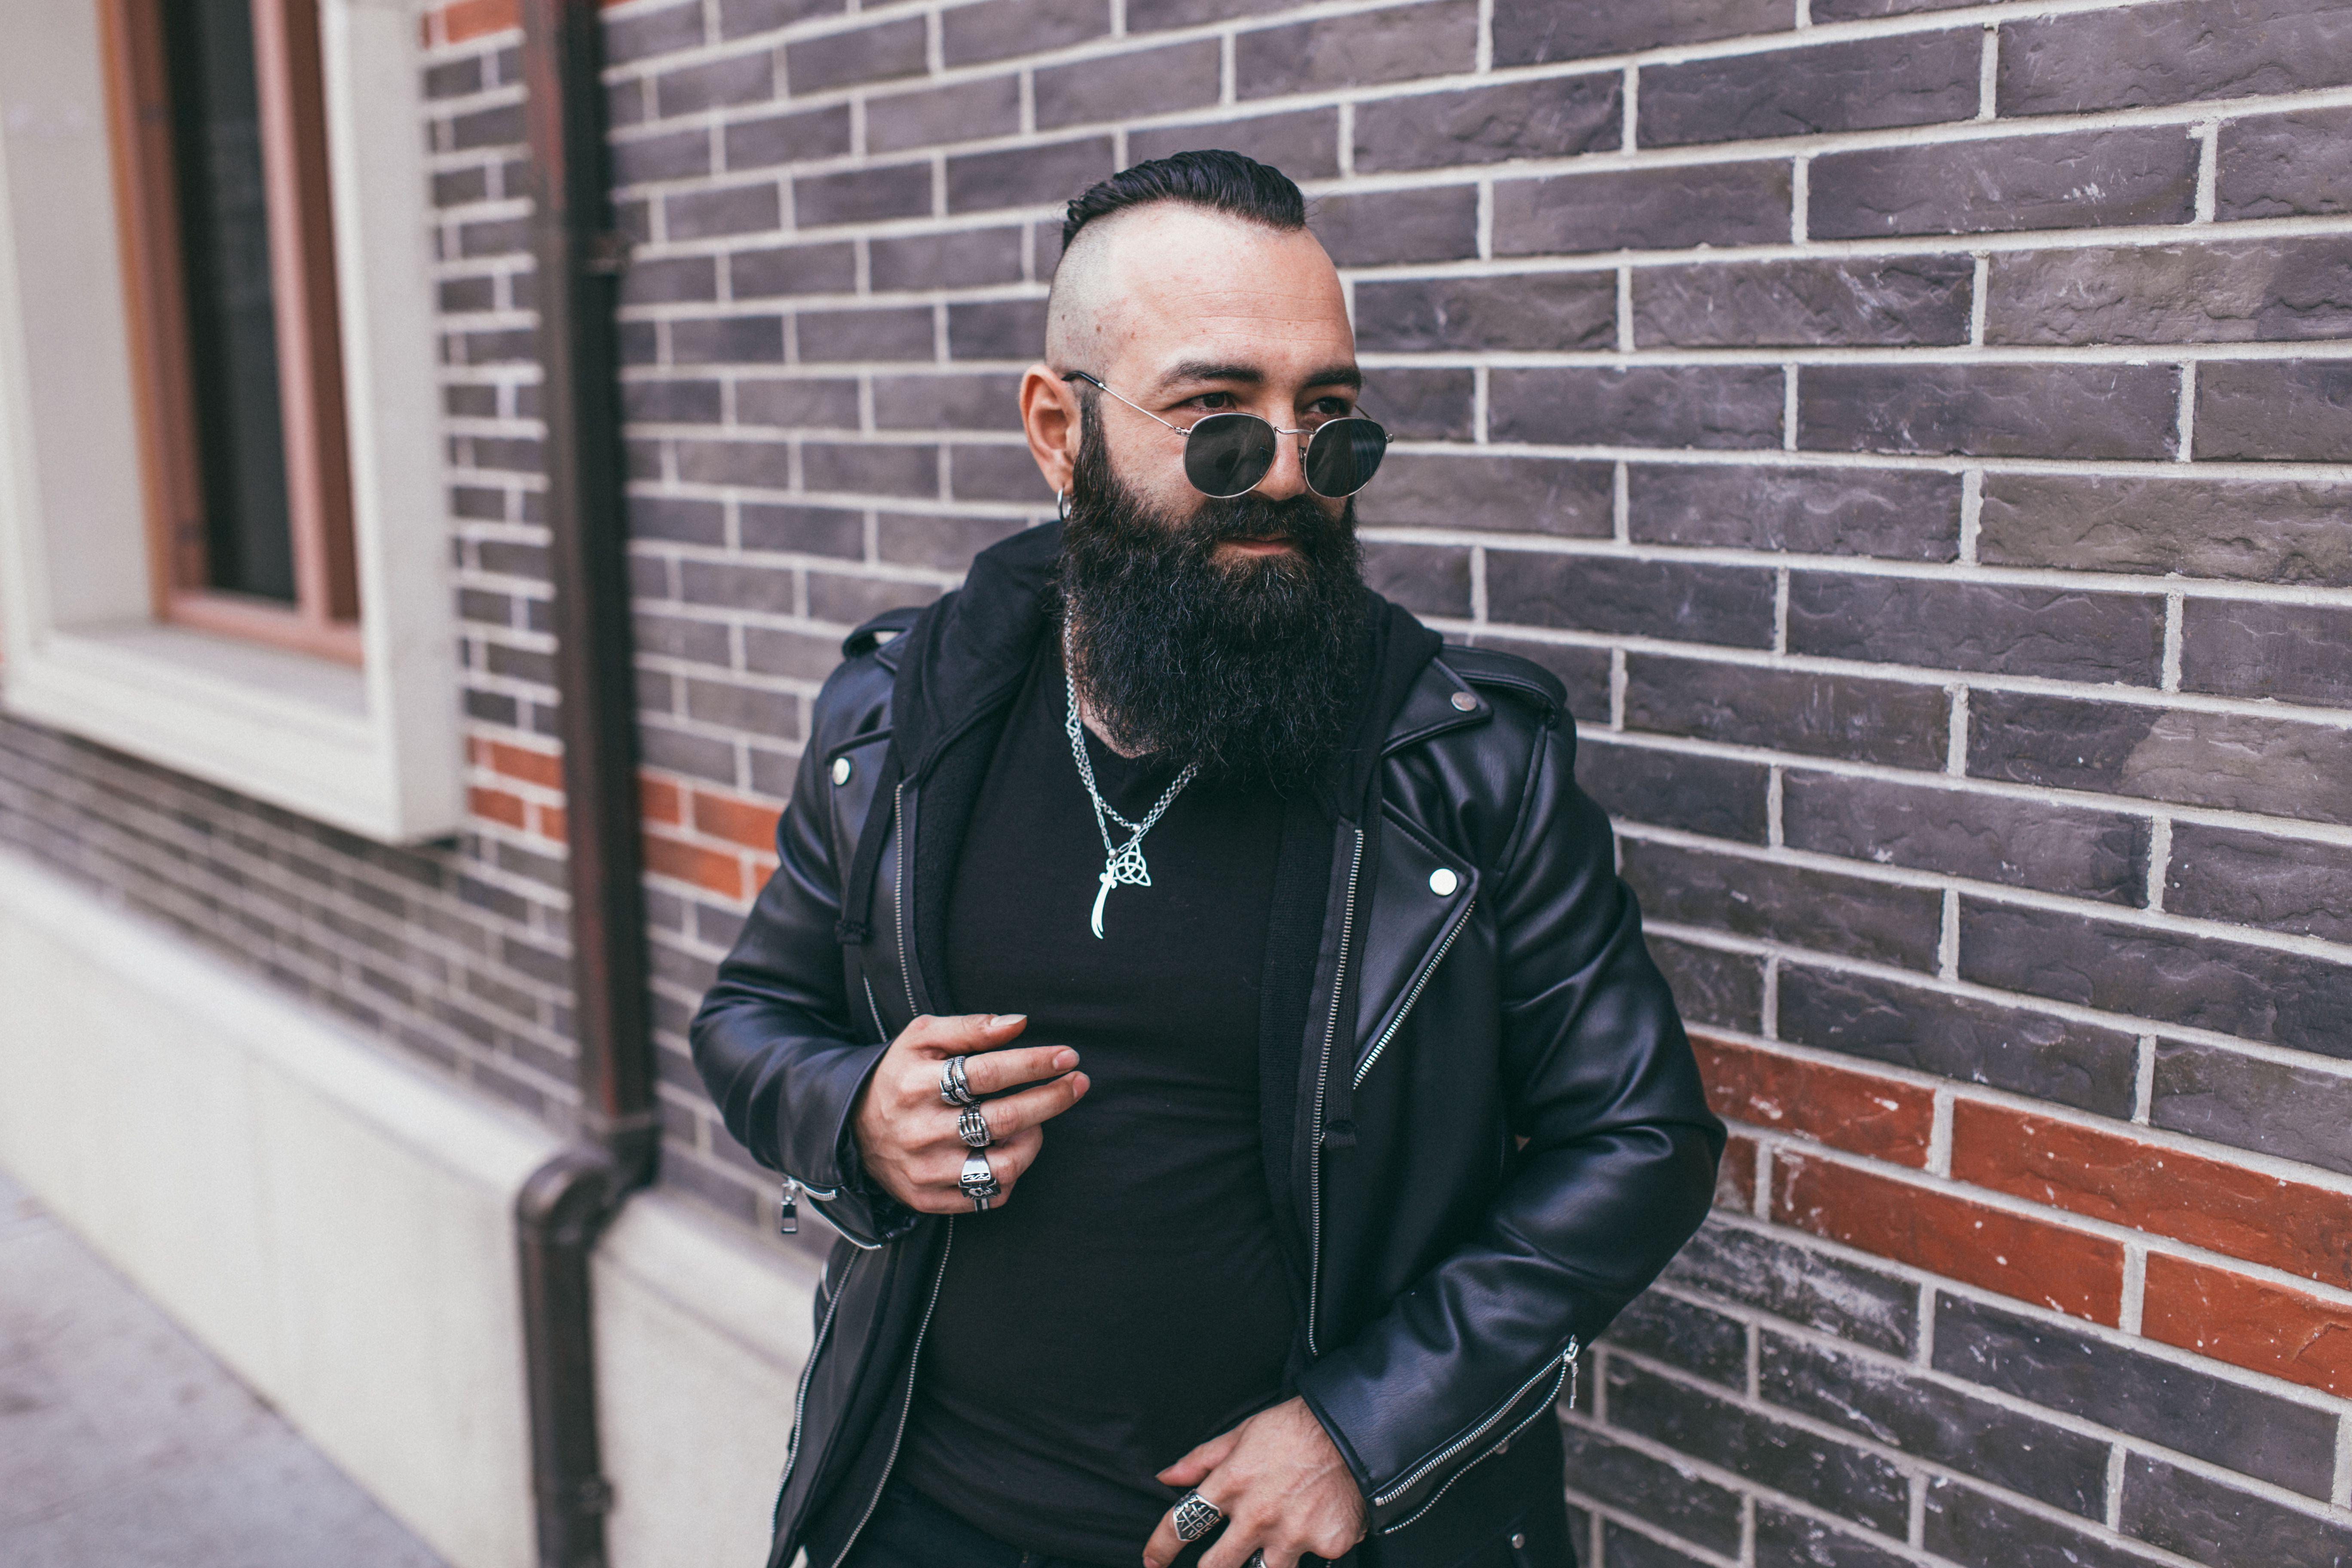 biker wearing black